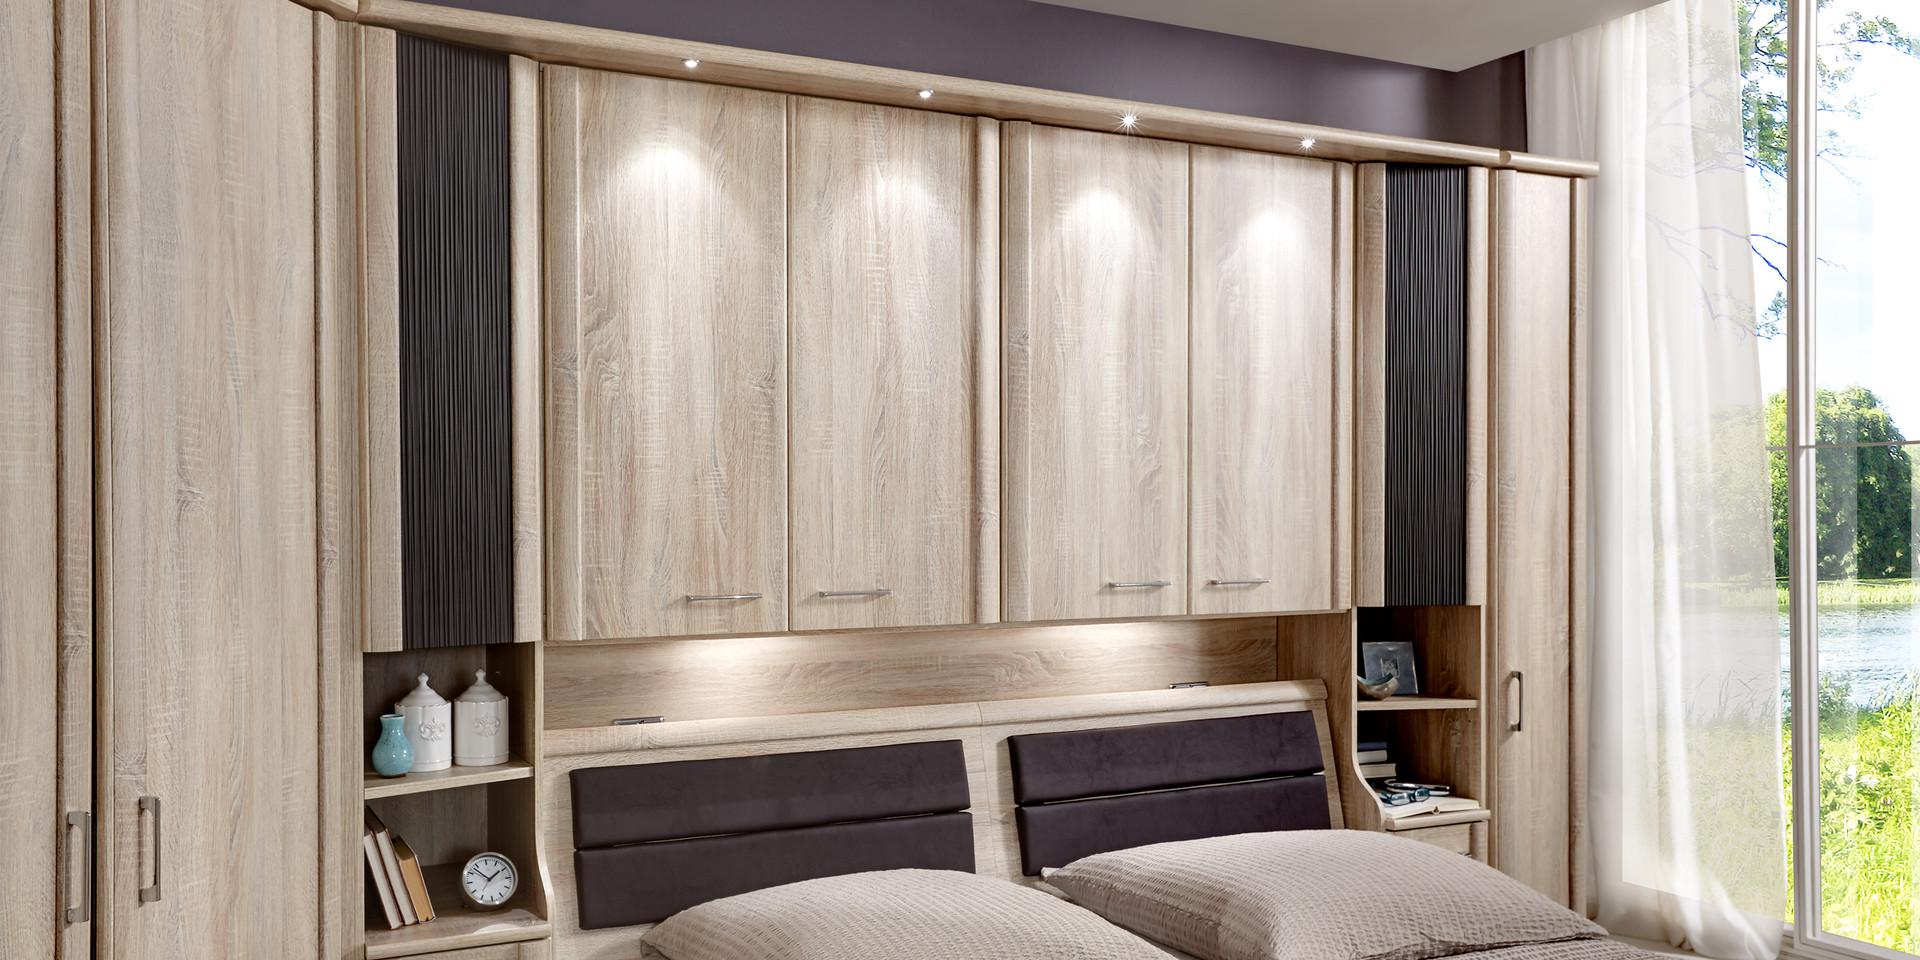 Schlafzimmer Luxor System Programm Wohndesign Und Inneneinrichtung - Schlafzimmer luxor